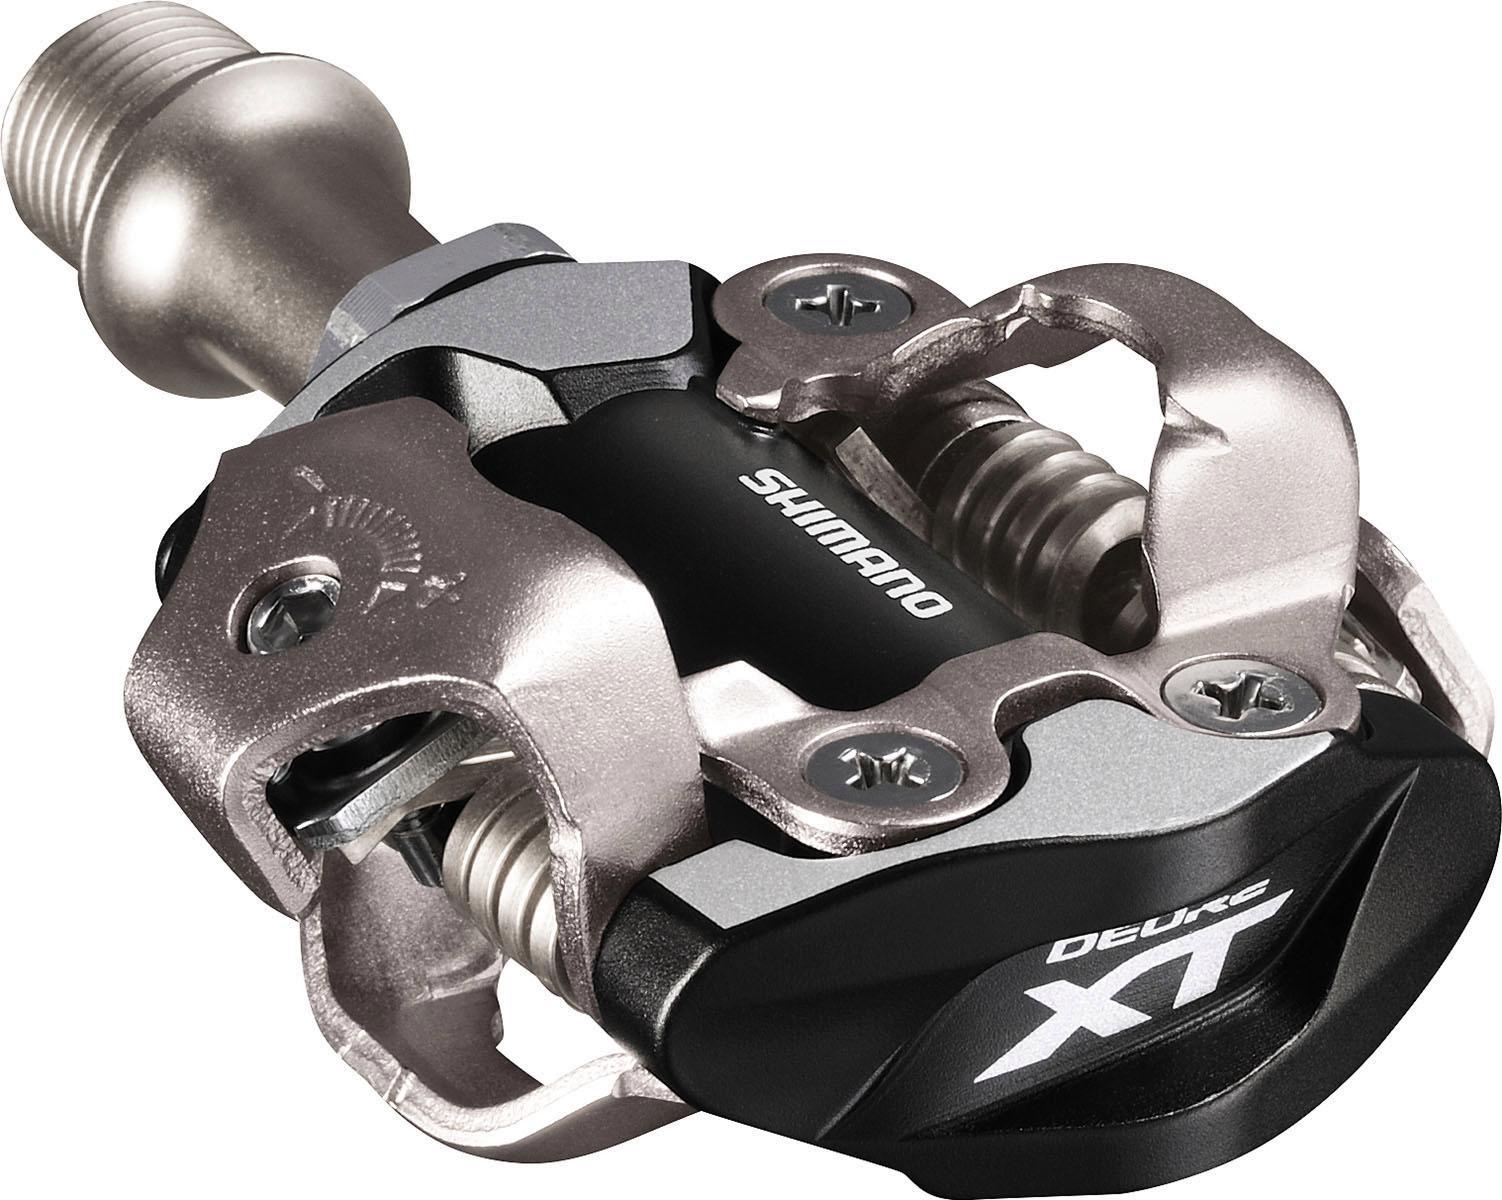 Shimano Klickpedale PD-M8000 Technik & Freizeit/Sport & Freizeit/Fahrräder & Zubehör/Fahrradzubehör/Fahrradteile/Fahrradpedale